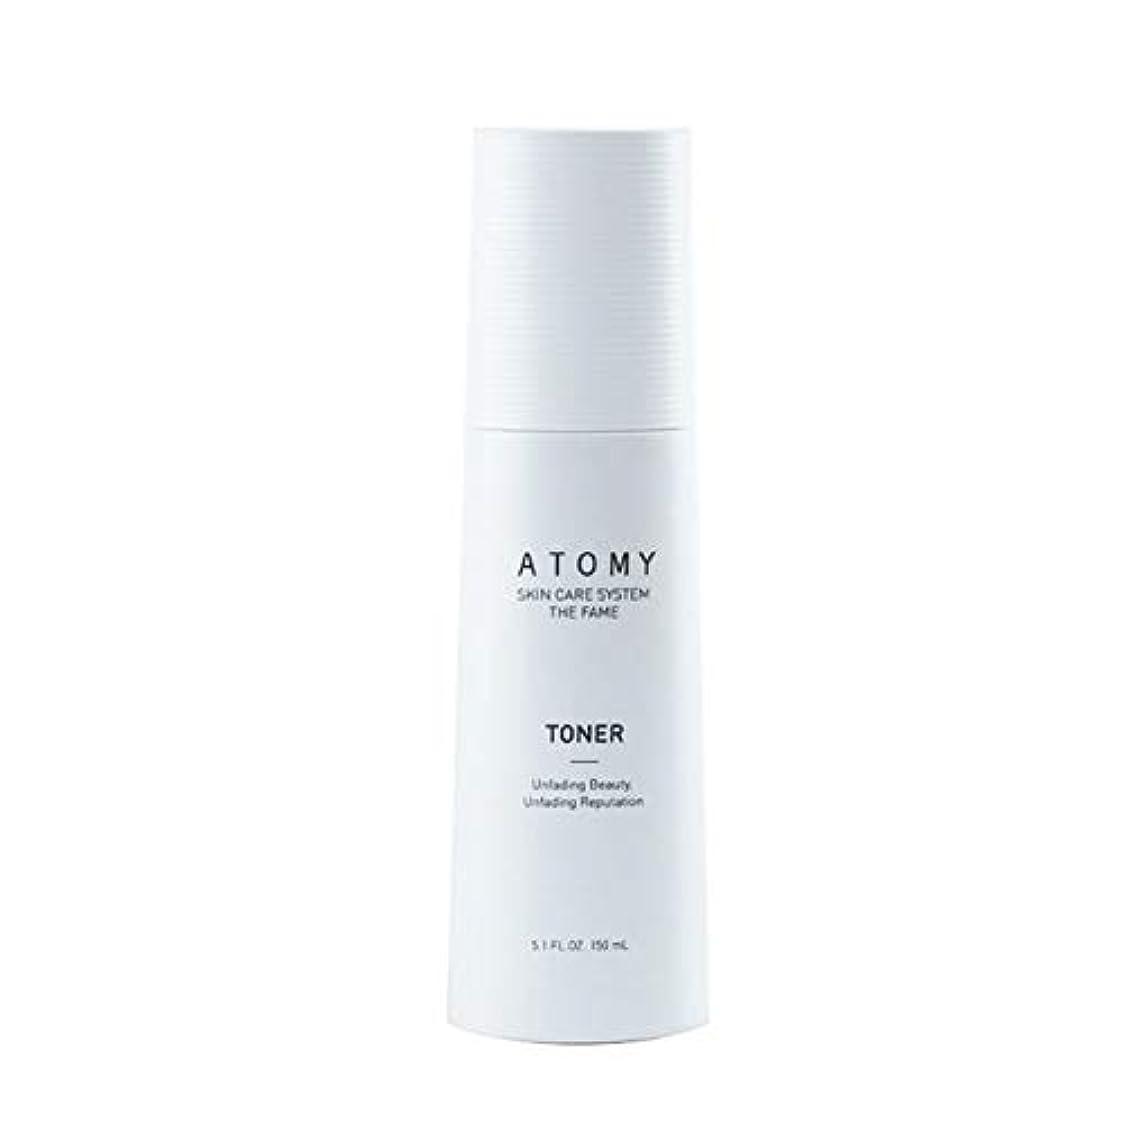 道路変化するピースアトミザ?フェームトナー150ml韓国コスメ、Atomy The Fame Toner 150ml Korean Cosmetics [並行輸入品]